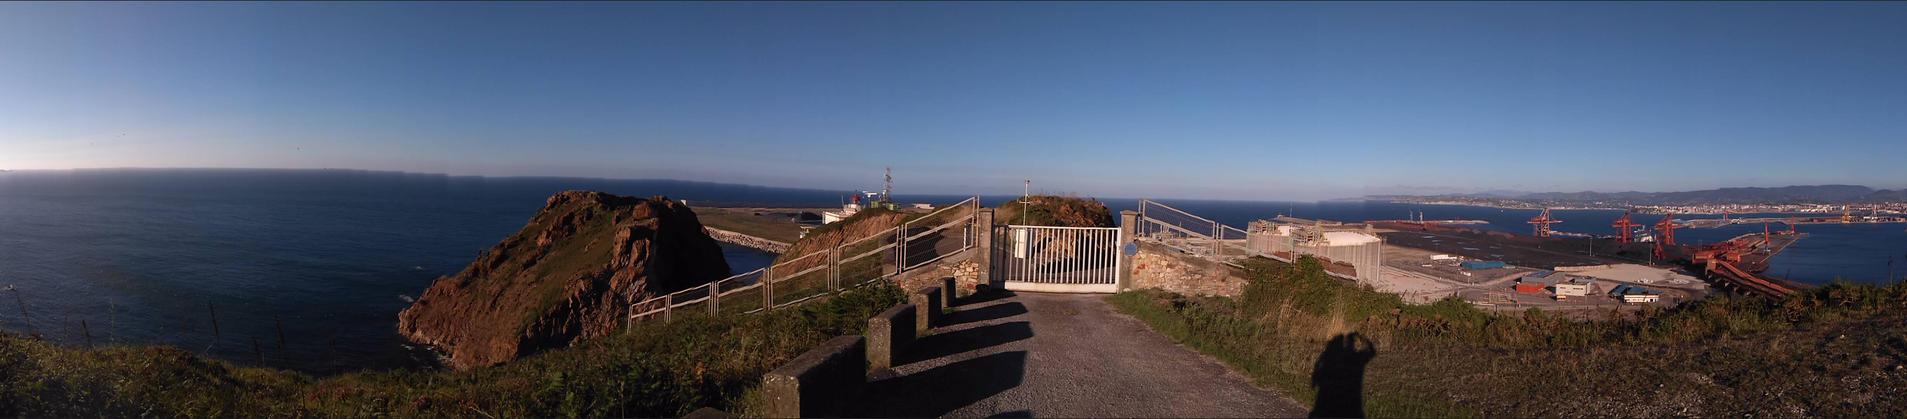 Faro Cabo Torres. Gijon by panasqueira